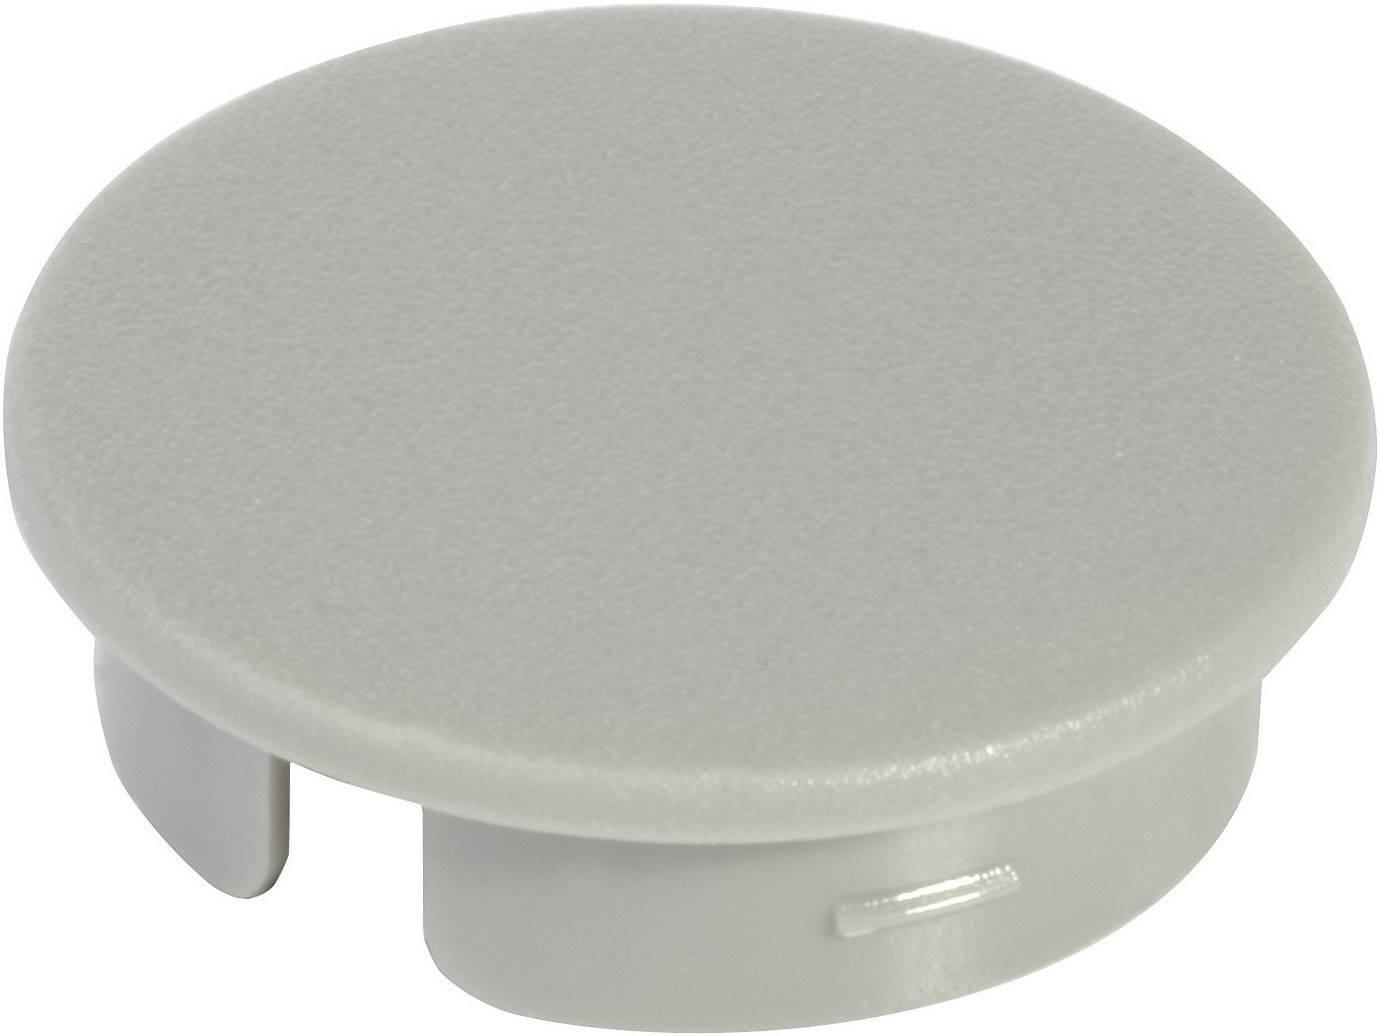 Krytka na otočný knoflík s ukazatelem OKW, pro knoflíky/O 31 mm, šedá